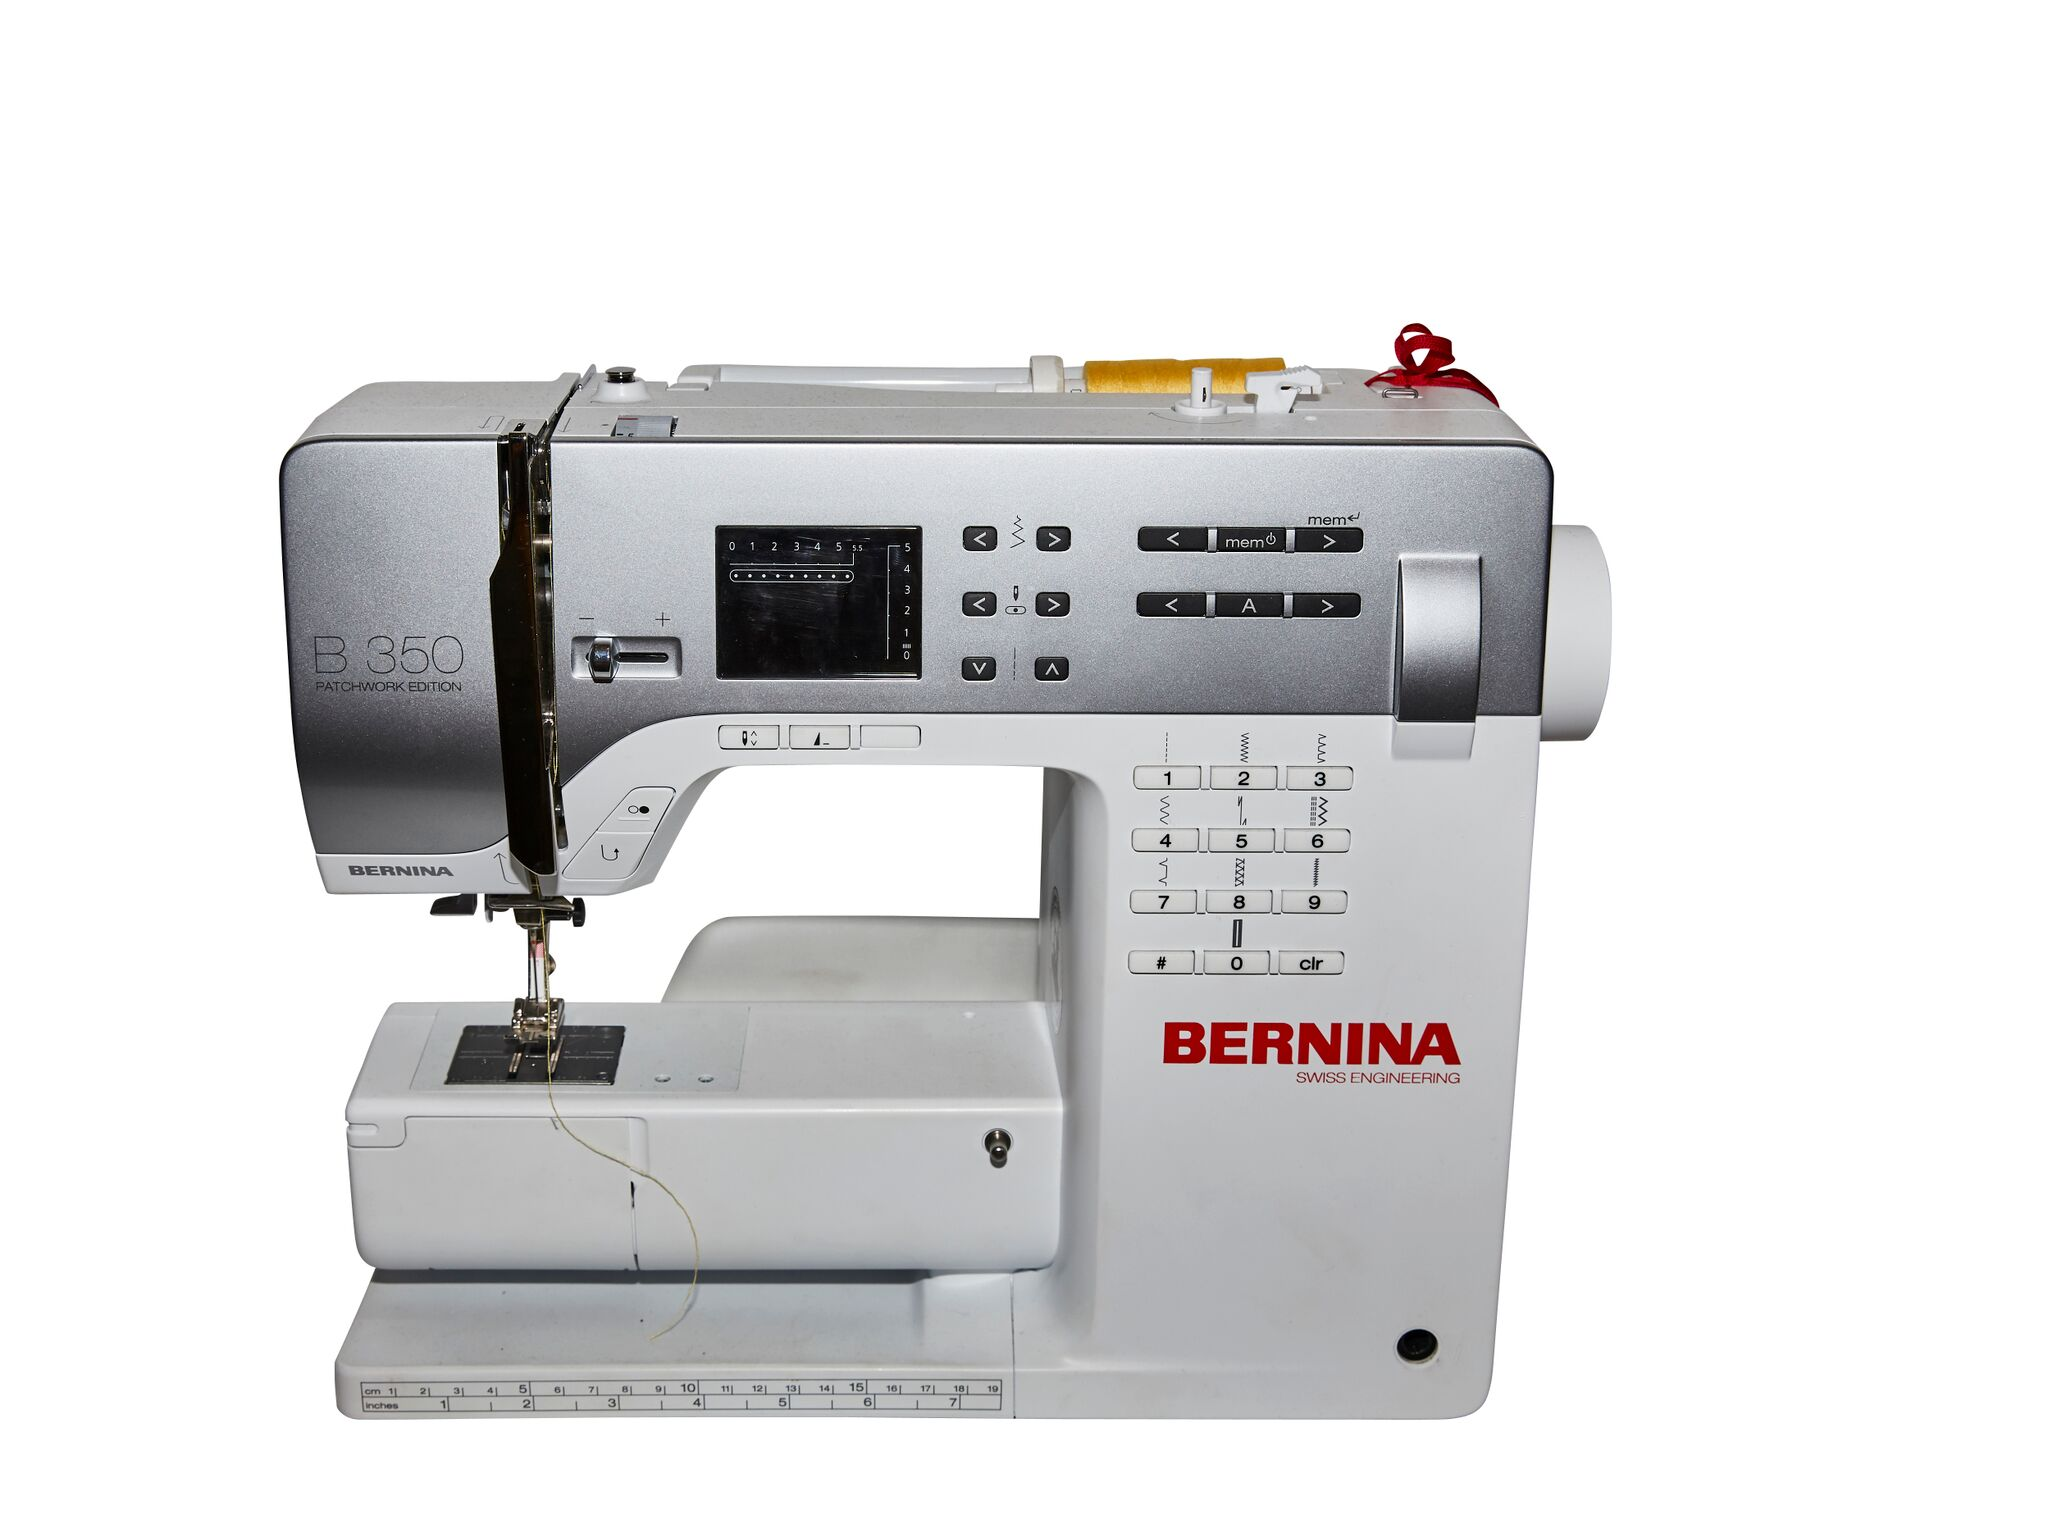 Bernina 330, Bernina 350PE, Bernina 380